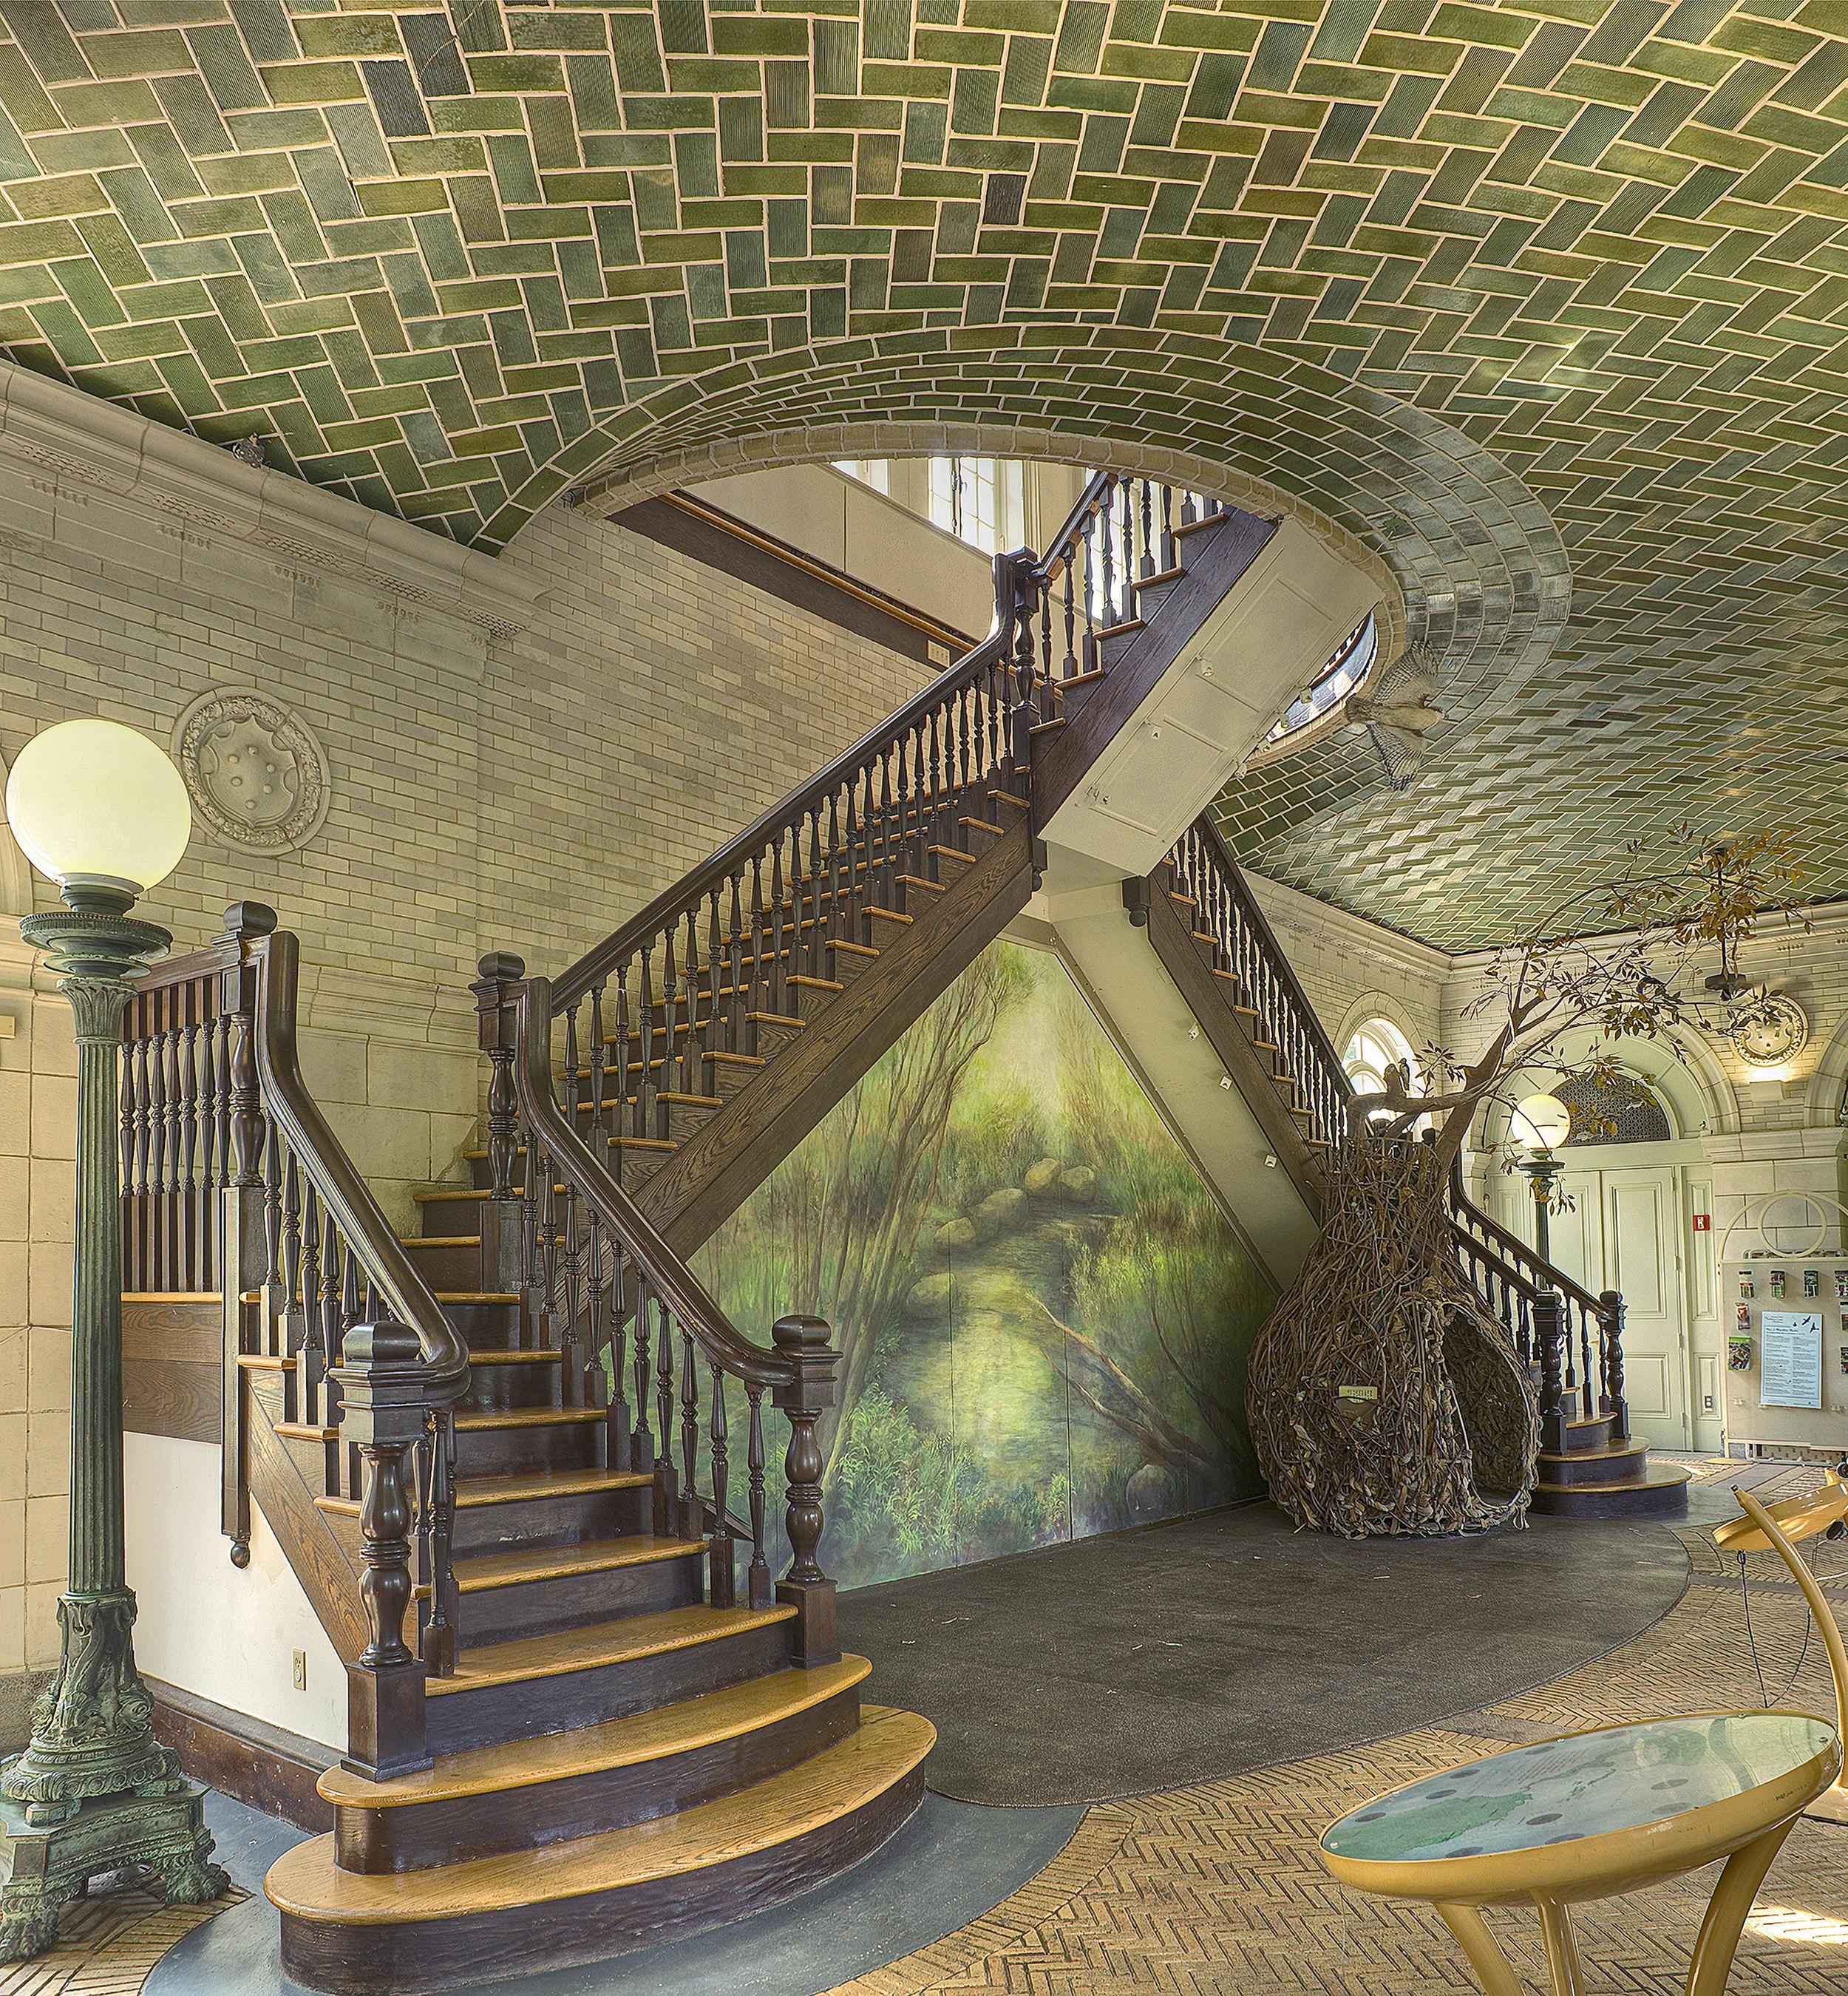 Image: Prospect Park Boathouse